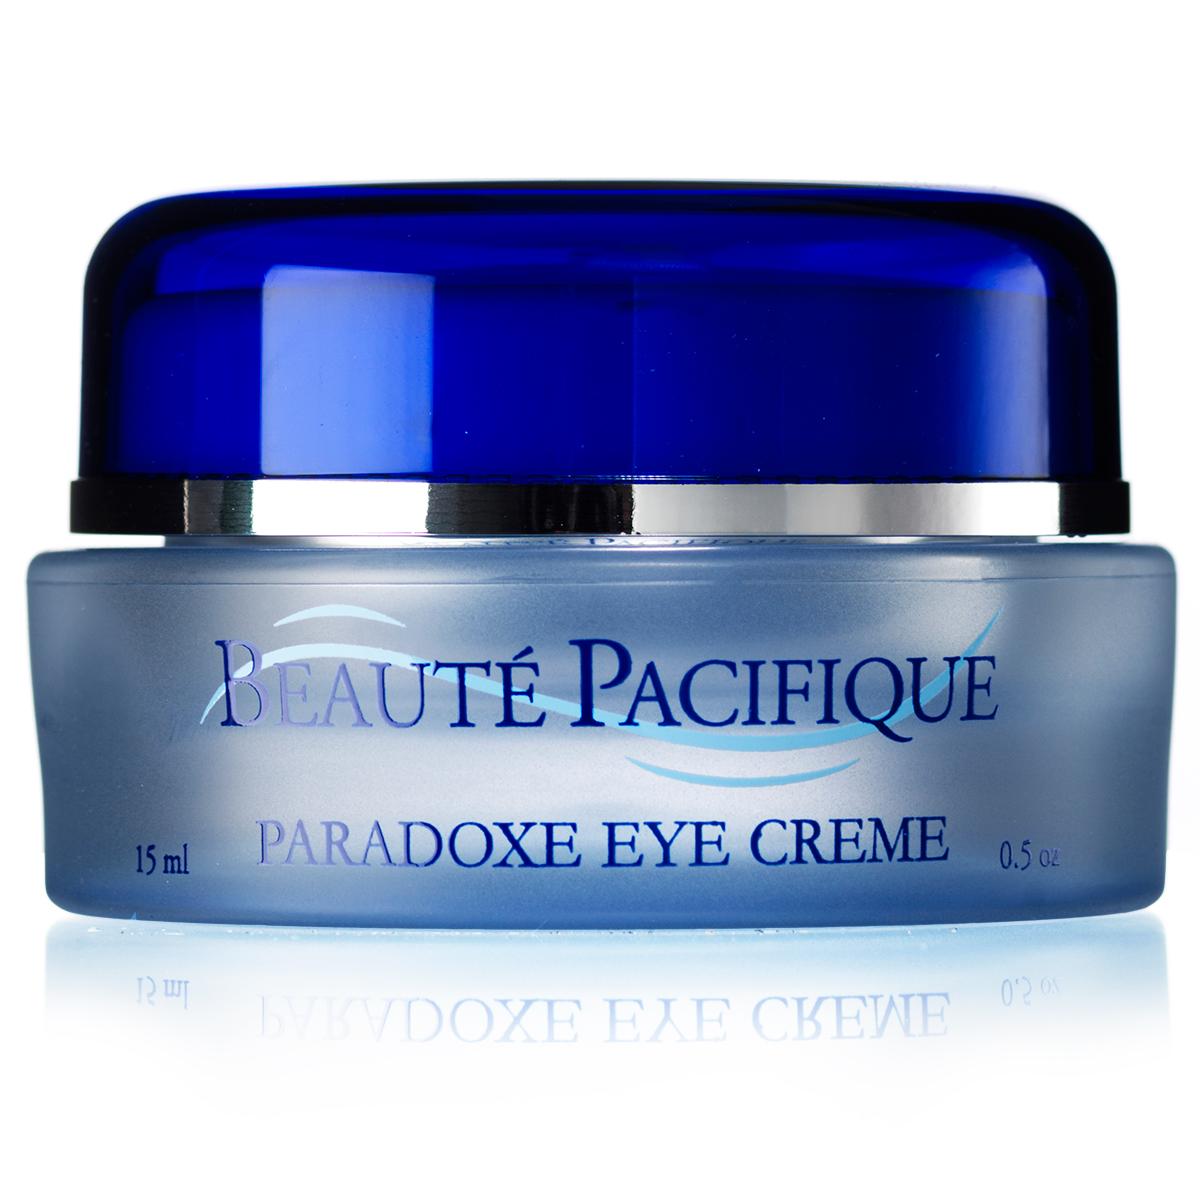 Beauté Pacifique Créme Paradoxe Eye Creme - 15 ml